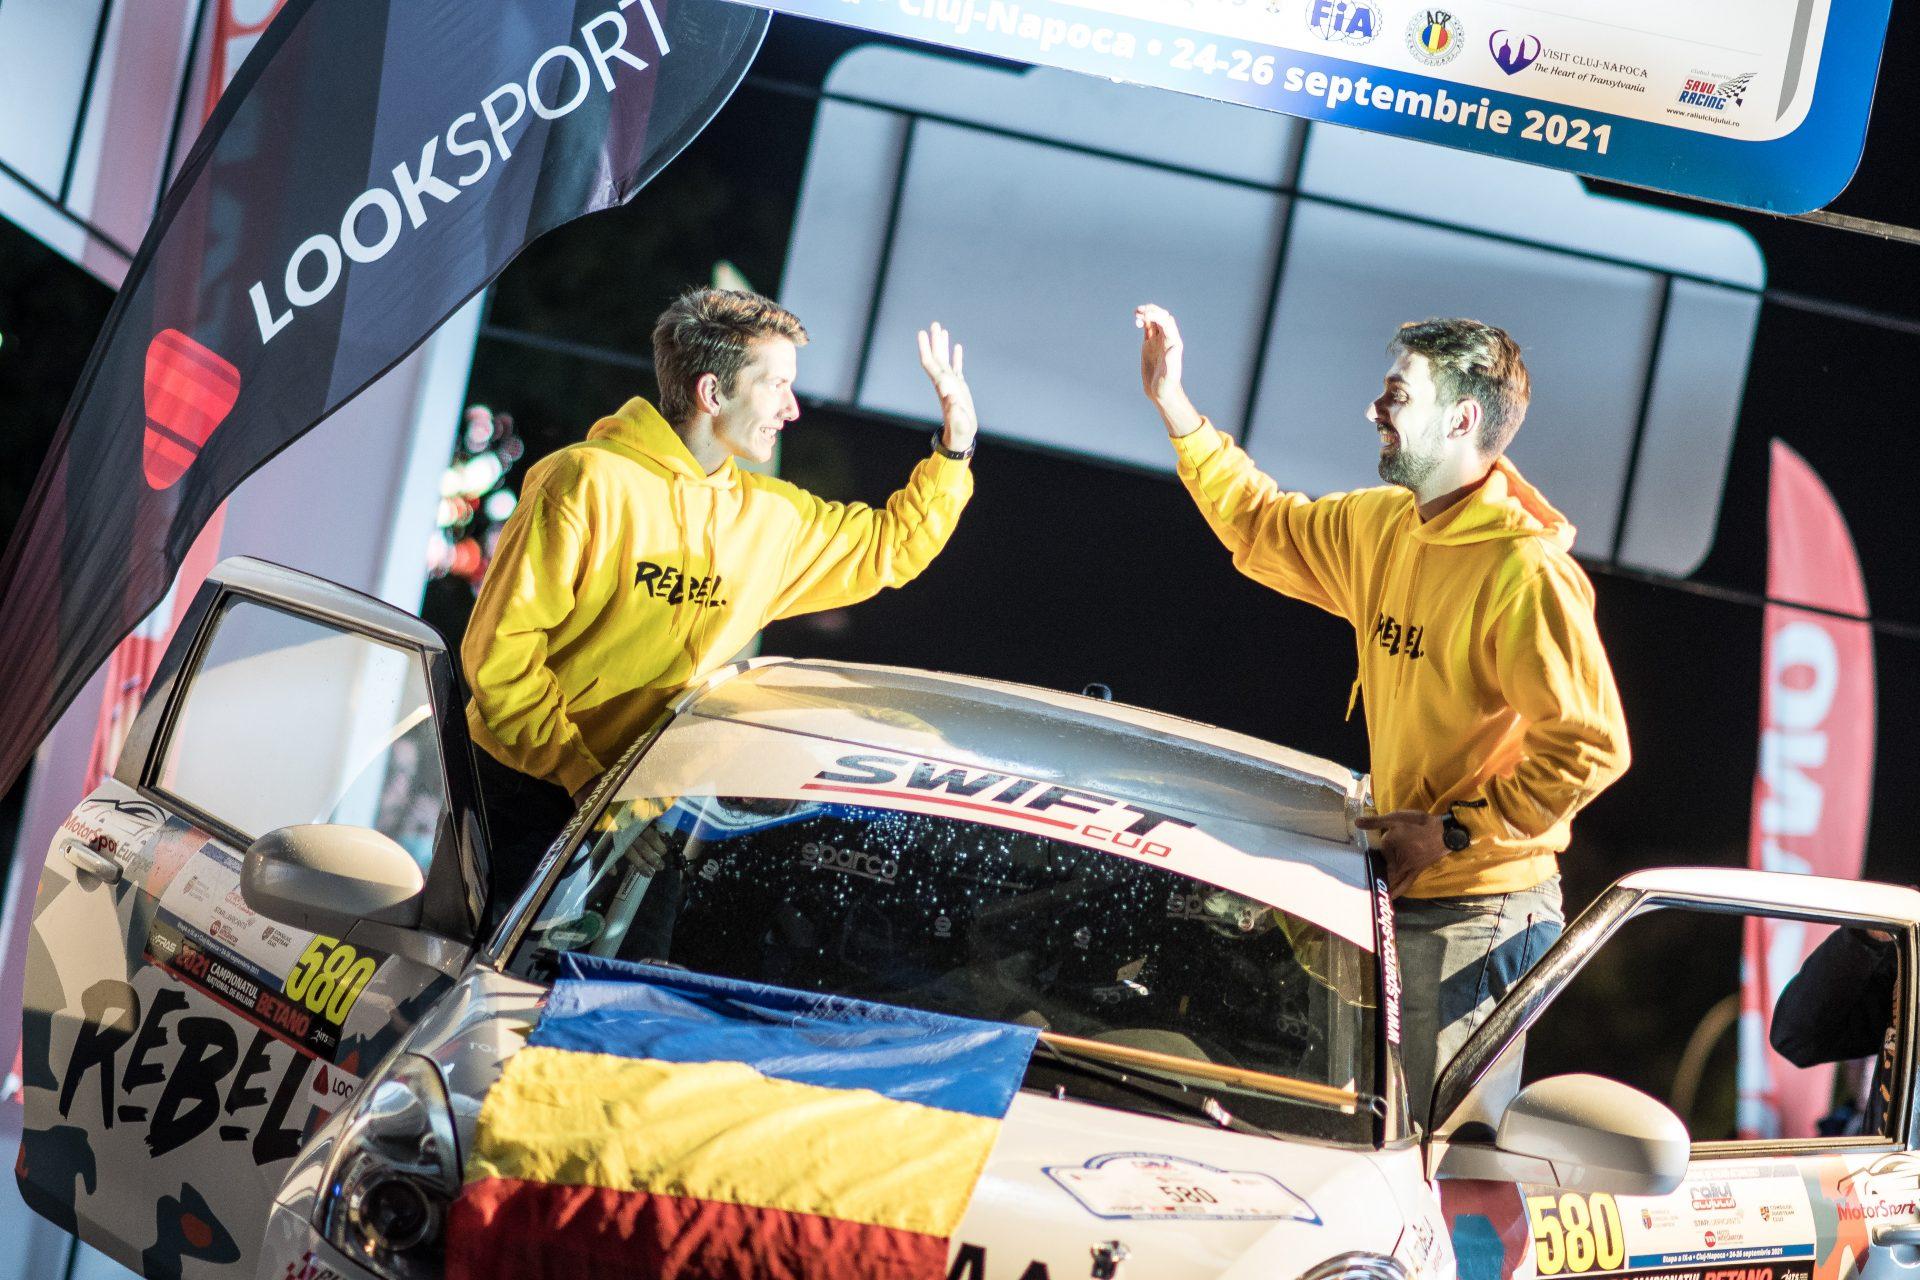 Când visul devine realitate – Radu Lambrino & Andrei Aițculesei la Raliul Clujului